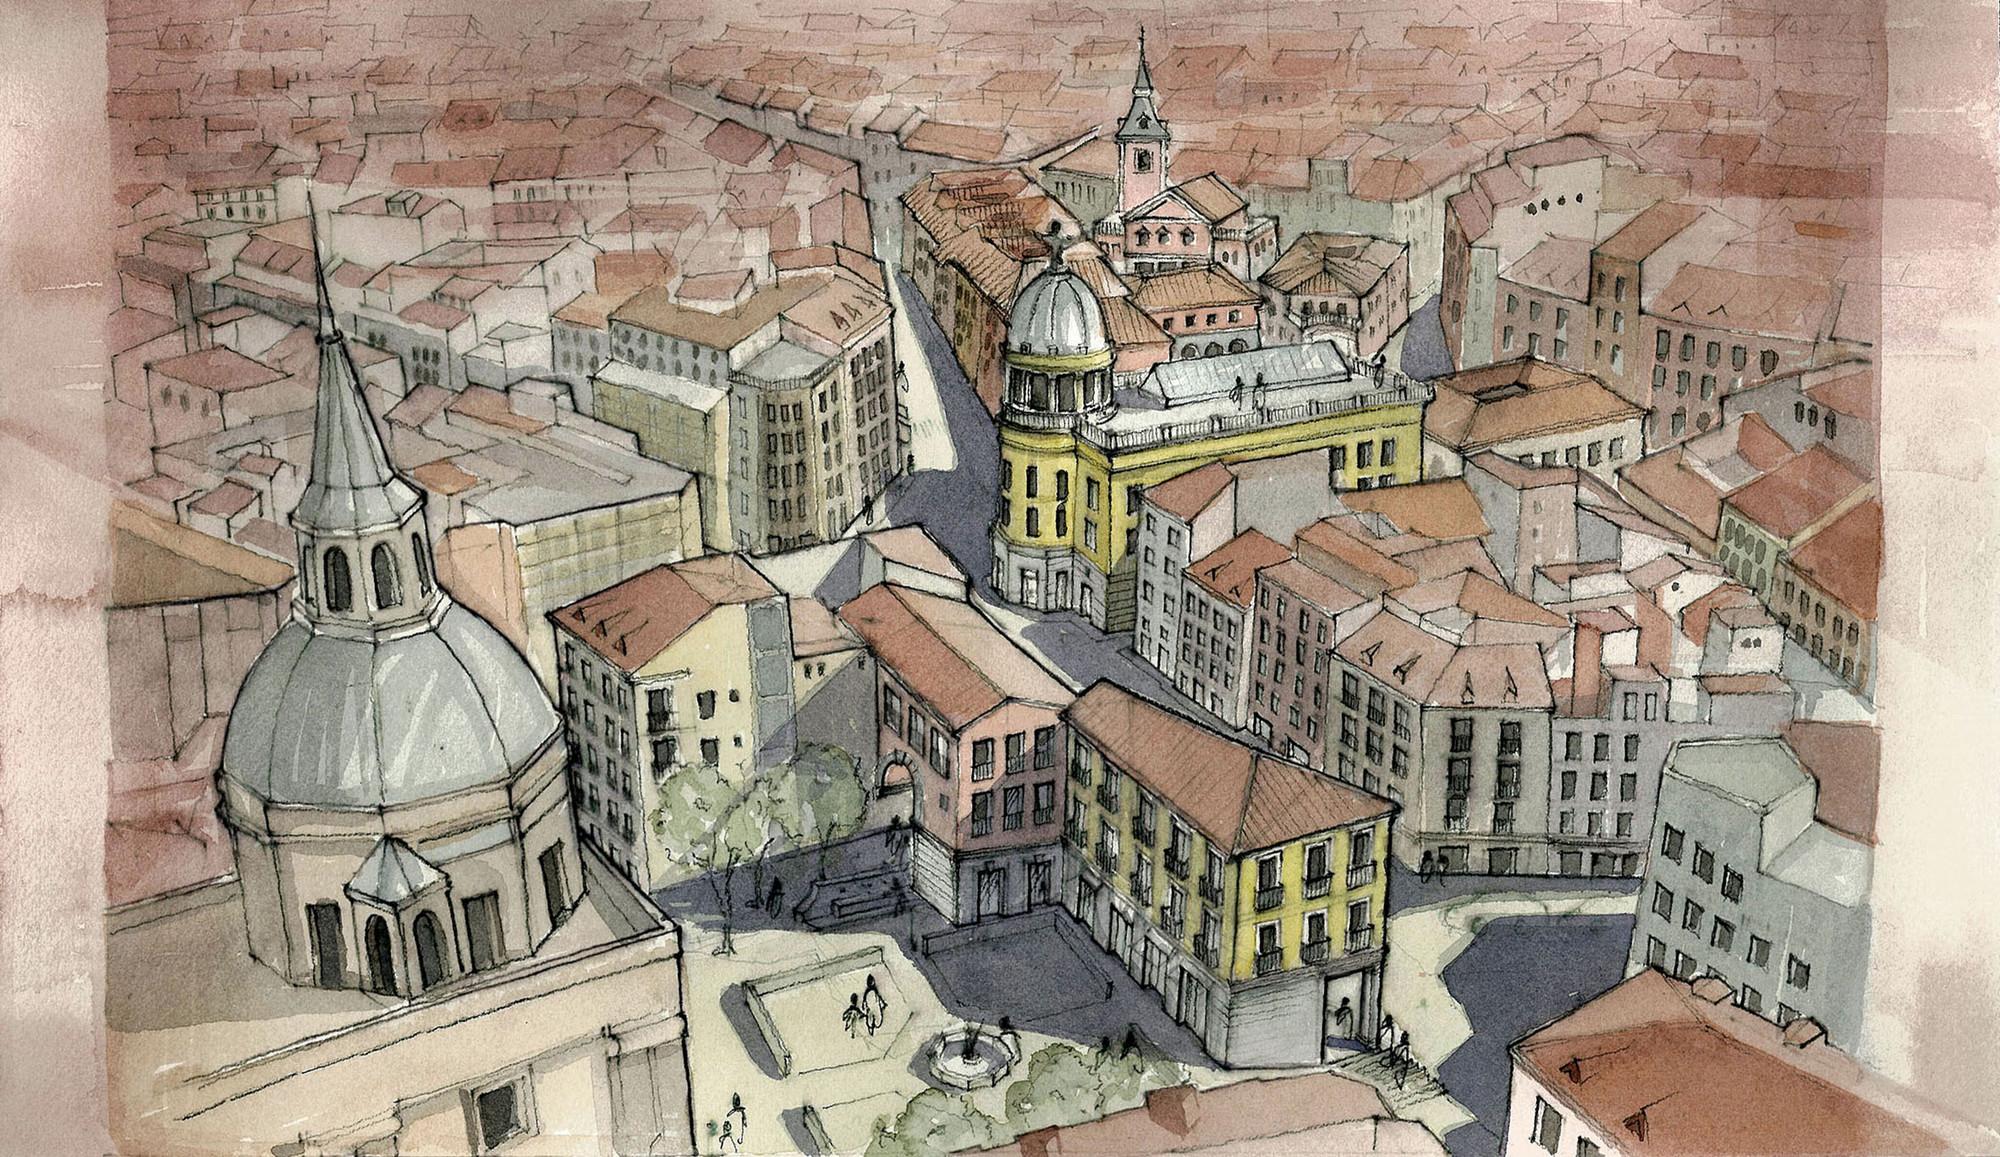 Vista desde San Andrés. Image Courtesy of Equipo desarrollador